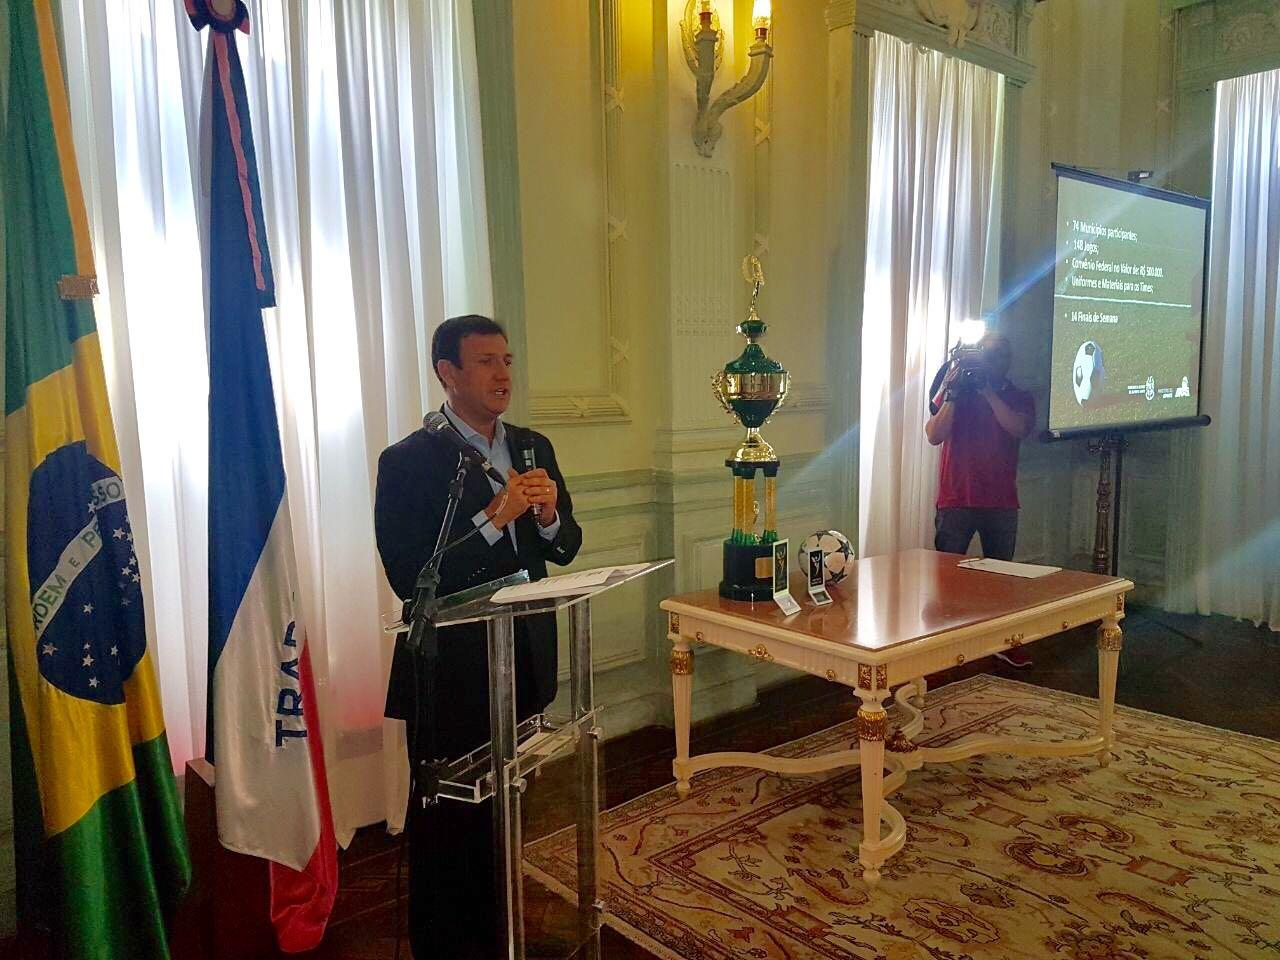 Roberto Carneiro discursa em evento de lançamento do Campeonato Rural de futebol amador. Crédito: Evandro Figueiredo/SESPORT